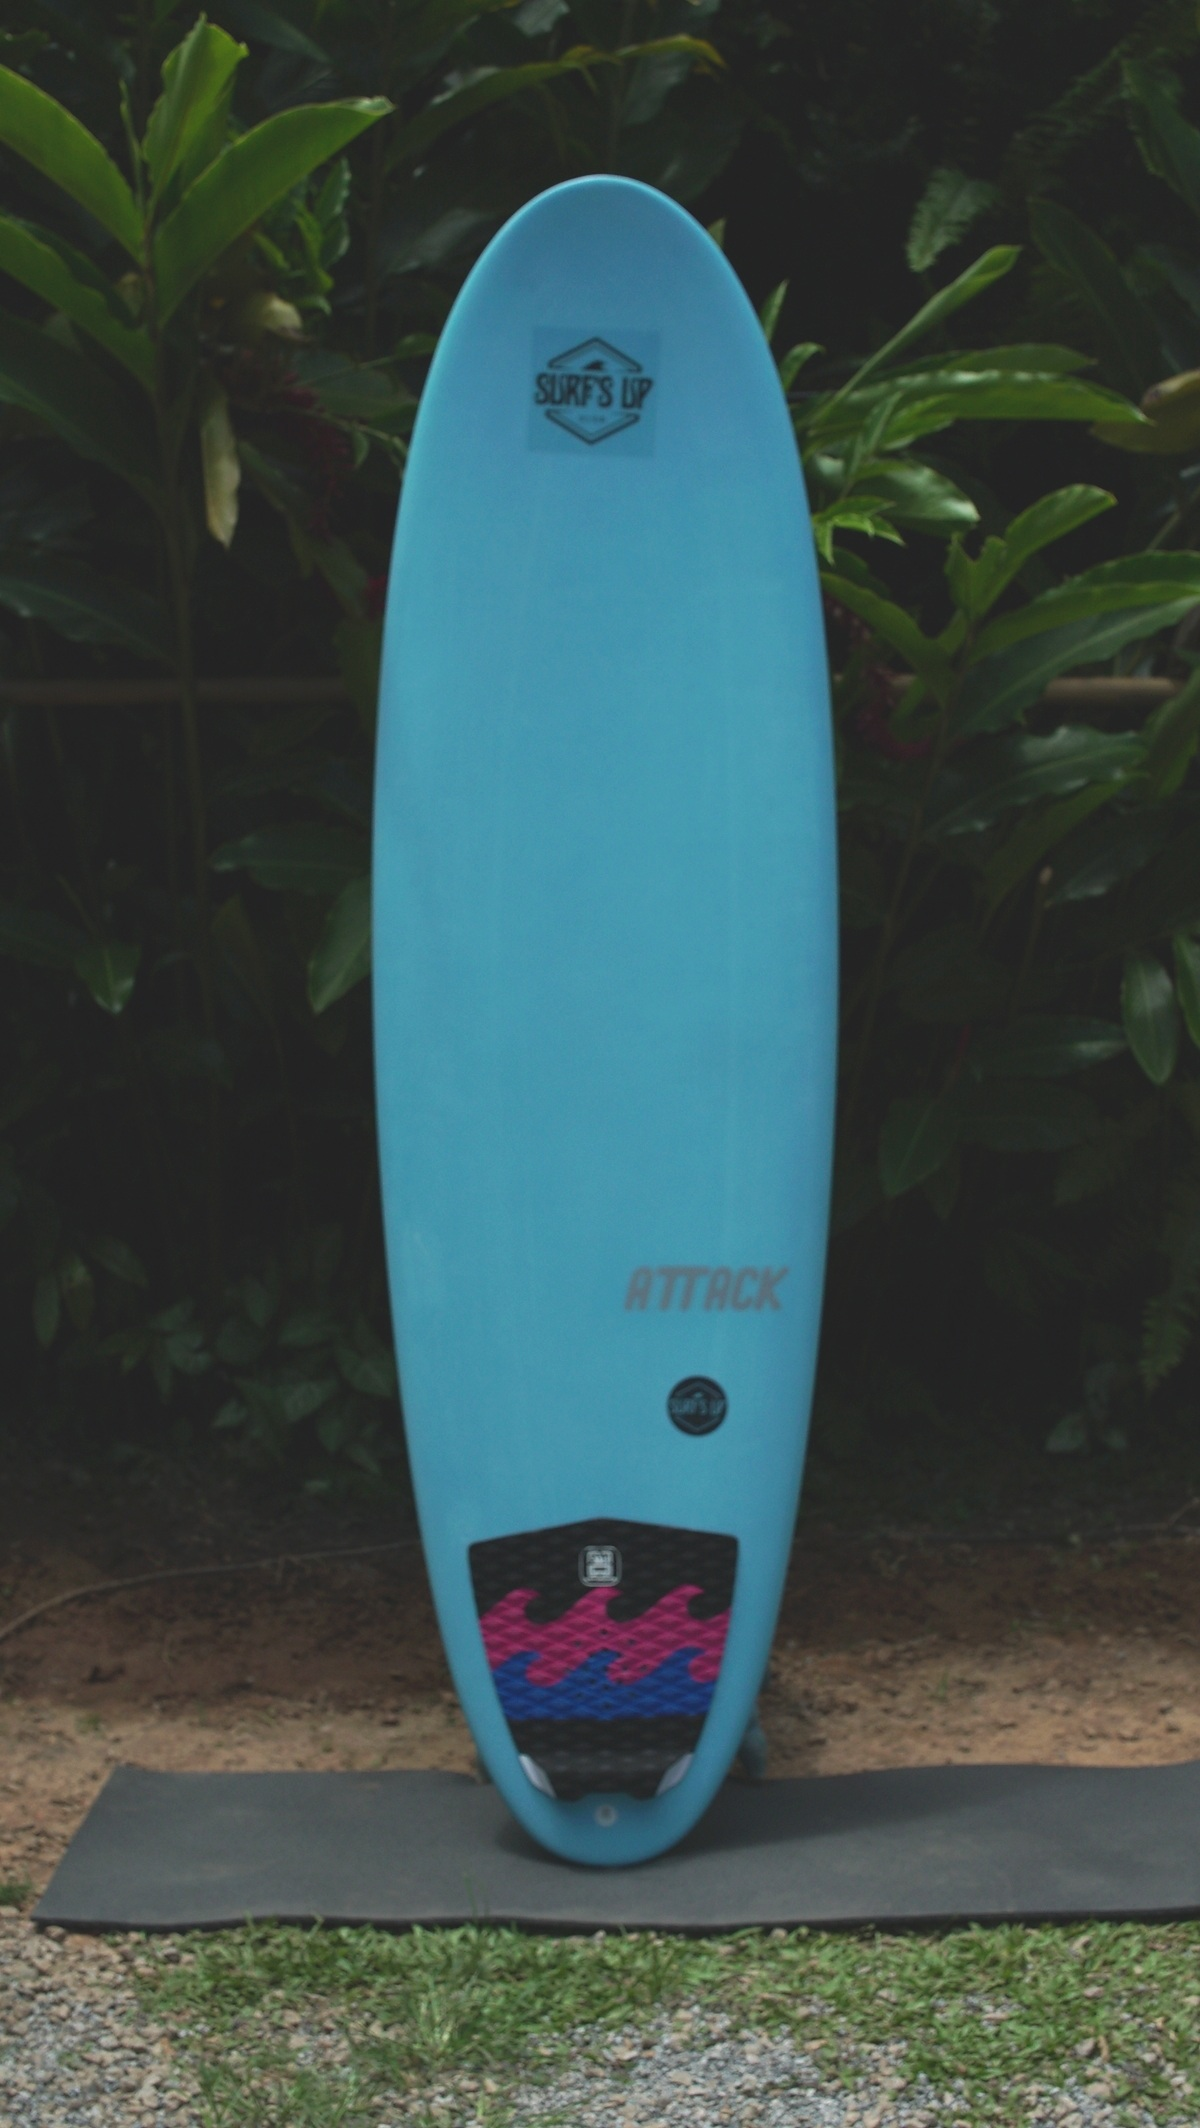 Surfácil 6'6 - Attack Surfboards6'6